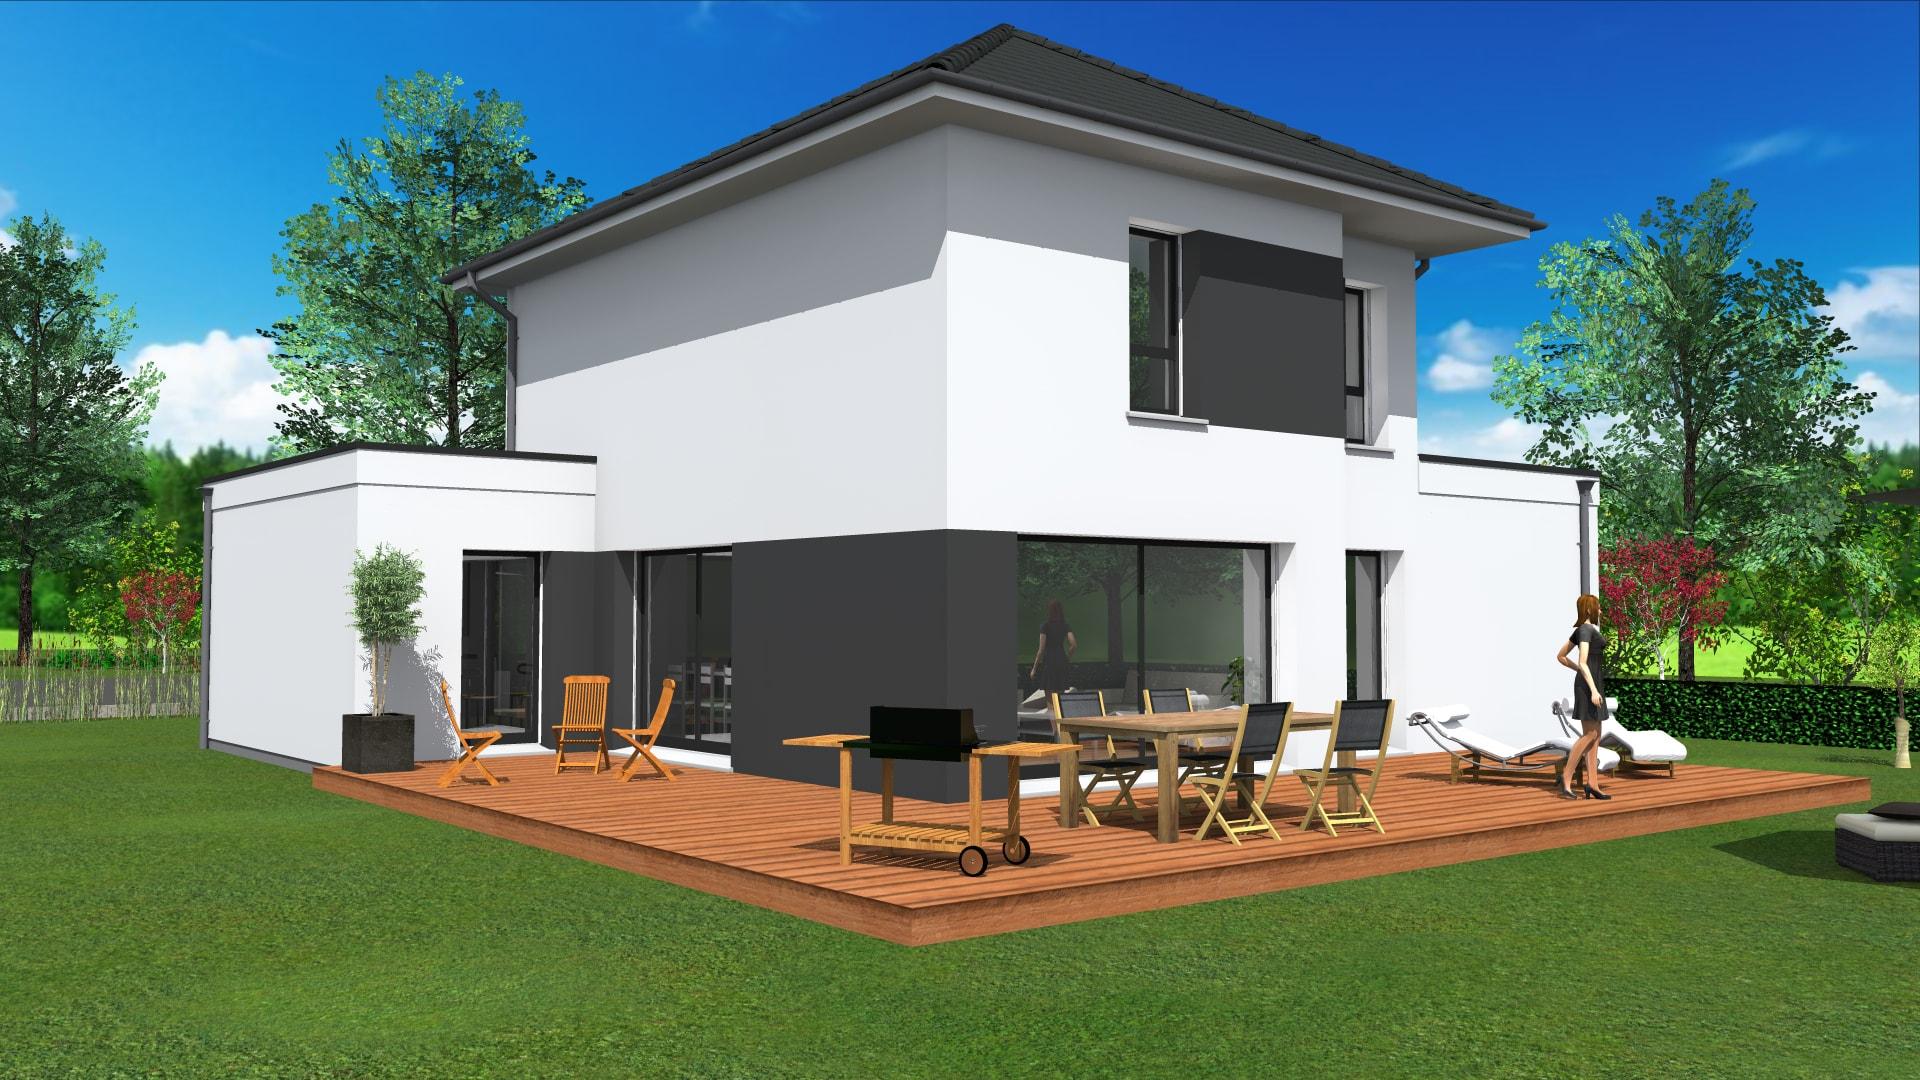 Maison contemporaine toit 4 pans for Maison moderne toit 4 pans